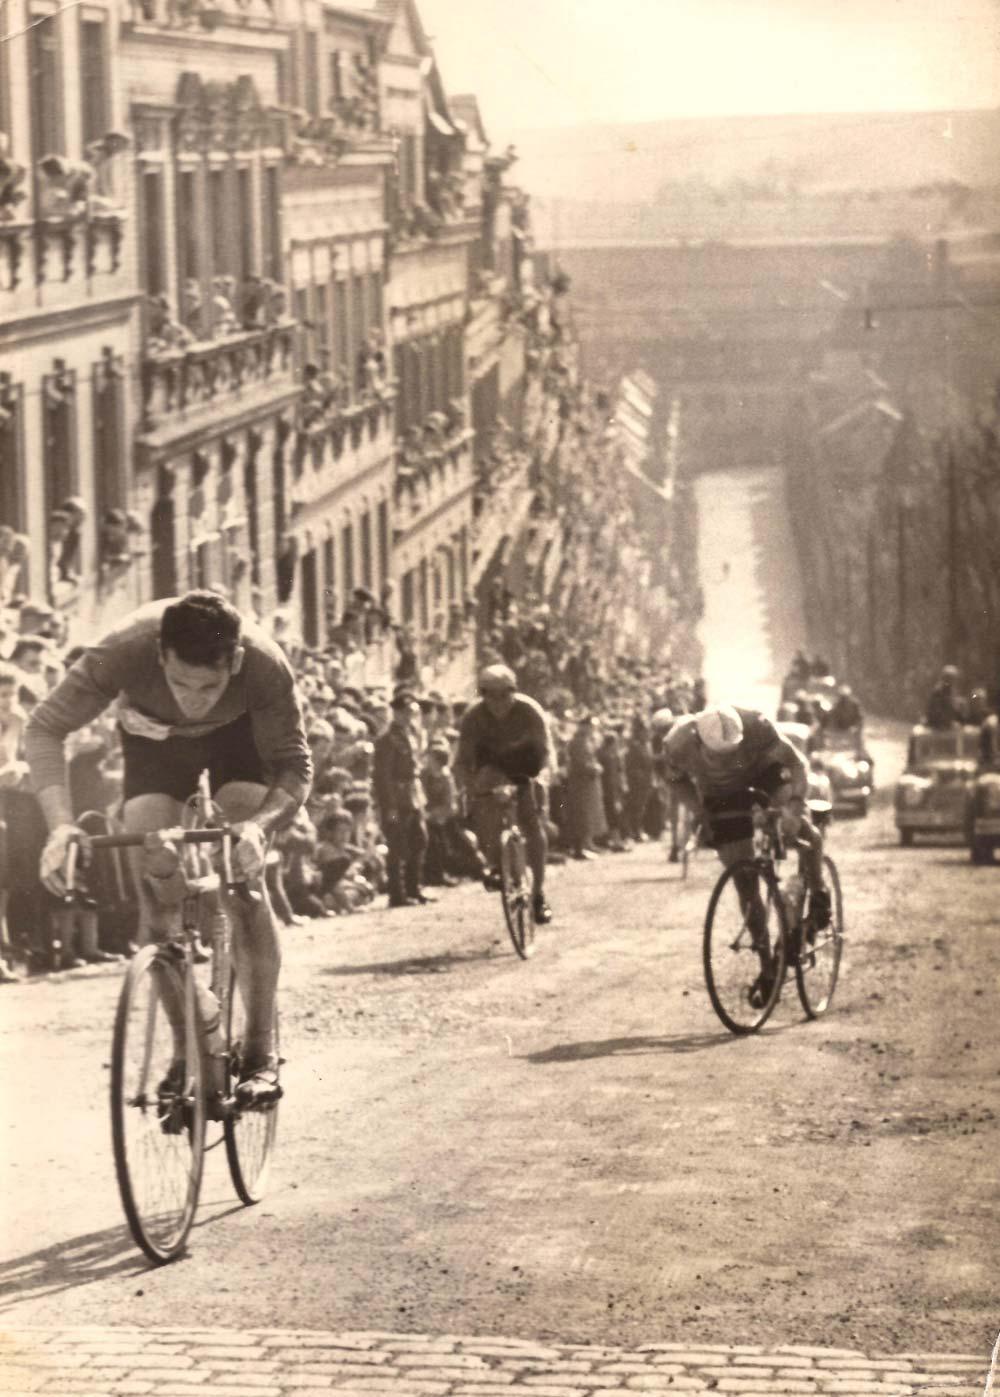 Békeverseny, 1959, Meerane, NDK - a híres meredek fal, a Steile Wand. A későbbi Szász Körversenyek helyszínéül is szolgáló legendás emelkedőn küzd Mario Bampi. A helyszín a korabeli magyar kerekesek számára sem ismeretlen…****